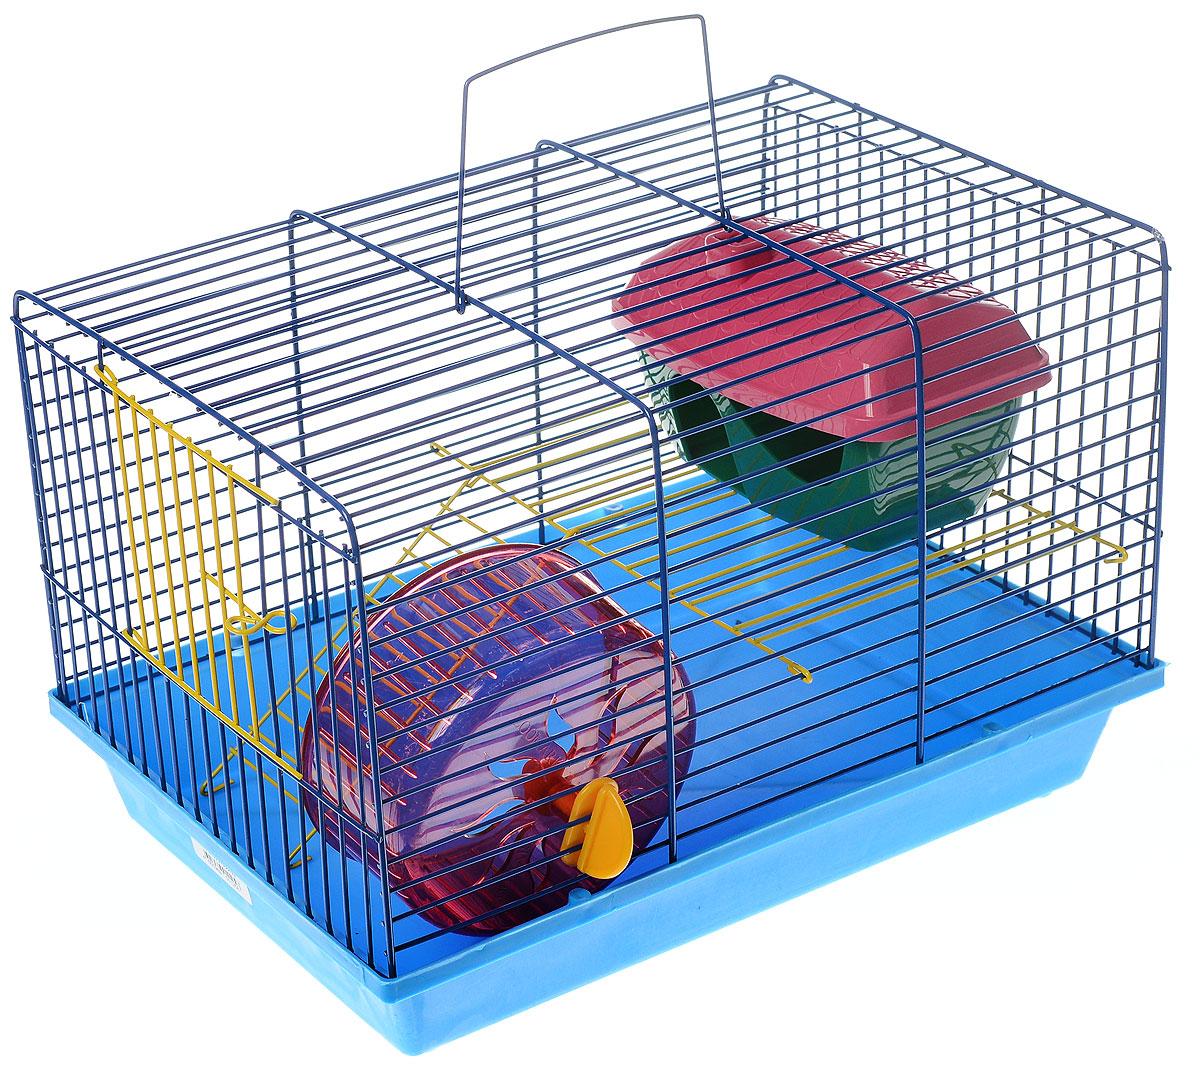 Клетка для грызунов ЗооМарк, 2-этажная, цвет: голубой поддон, синяя решетка, желтый этаж, 36 х 22 х 24 см. 125ж125ж_голубой, синийКлетка ЗооМарк, выполненная из полипропилена и металла, подходит для мелких грызунов. Изделие двухэтажное, оборудовано колесом для подвижных игр и пластиковым домиком. Клетка имеет яркий поддон, удобна в использовании и легко чистится. Сверху имеется ручка для переноски. Такая клетка станет уединенным личным пространством и уютным домиком для маленького грызуна.